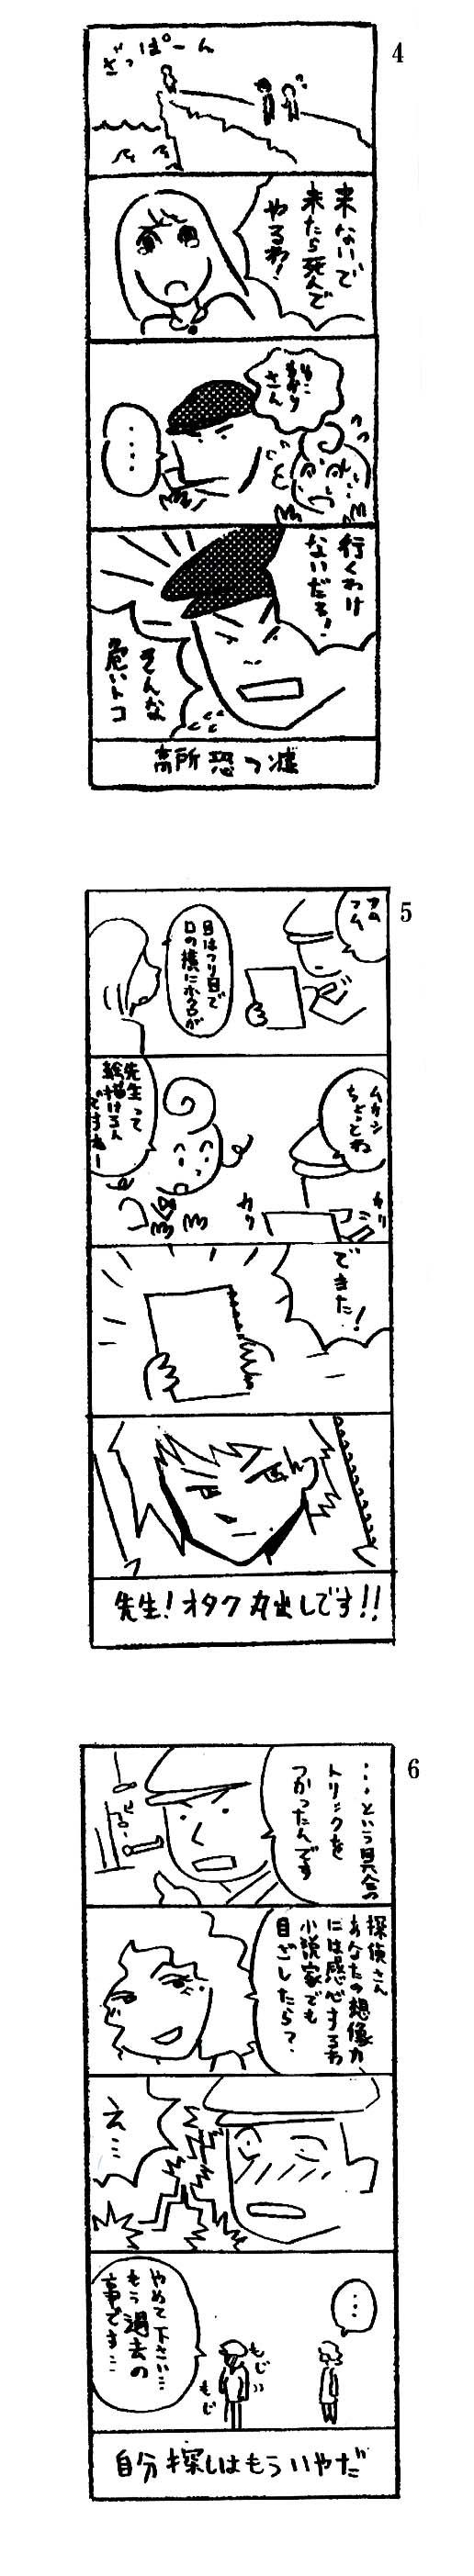 探偵4こまその2